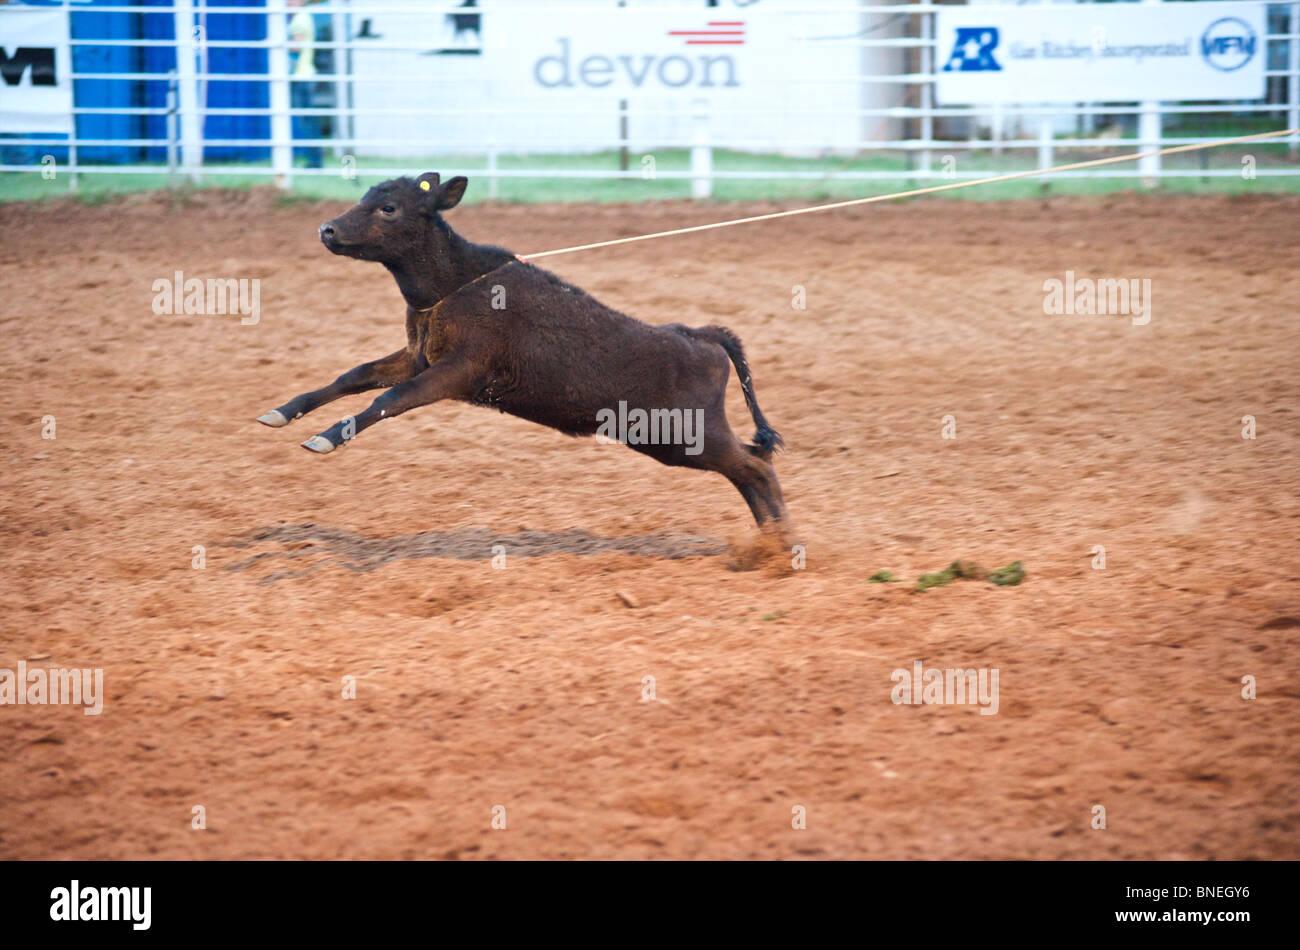 Kalb gebunden mit Seil in Steer wrestling Wettbewerb bei PRCA Rodeo in Smalltown, Bridgeport, Texas, USA Stockfoto